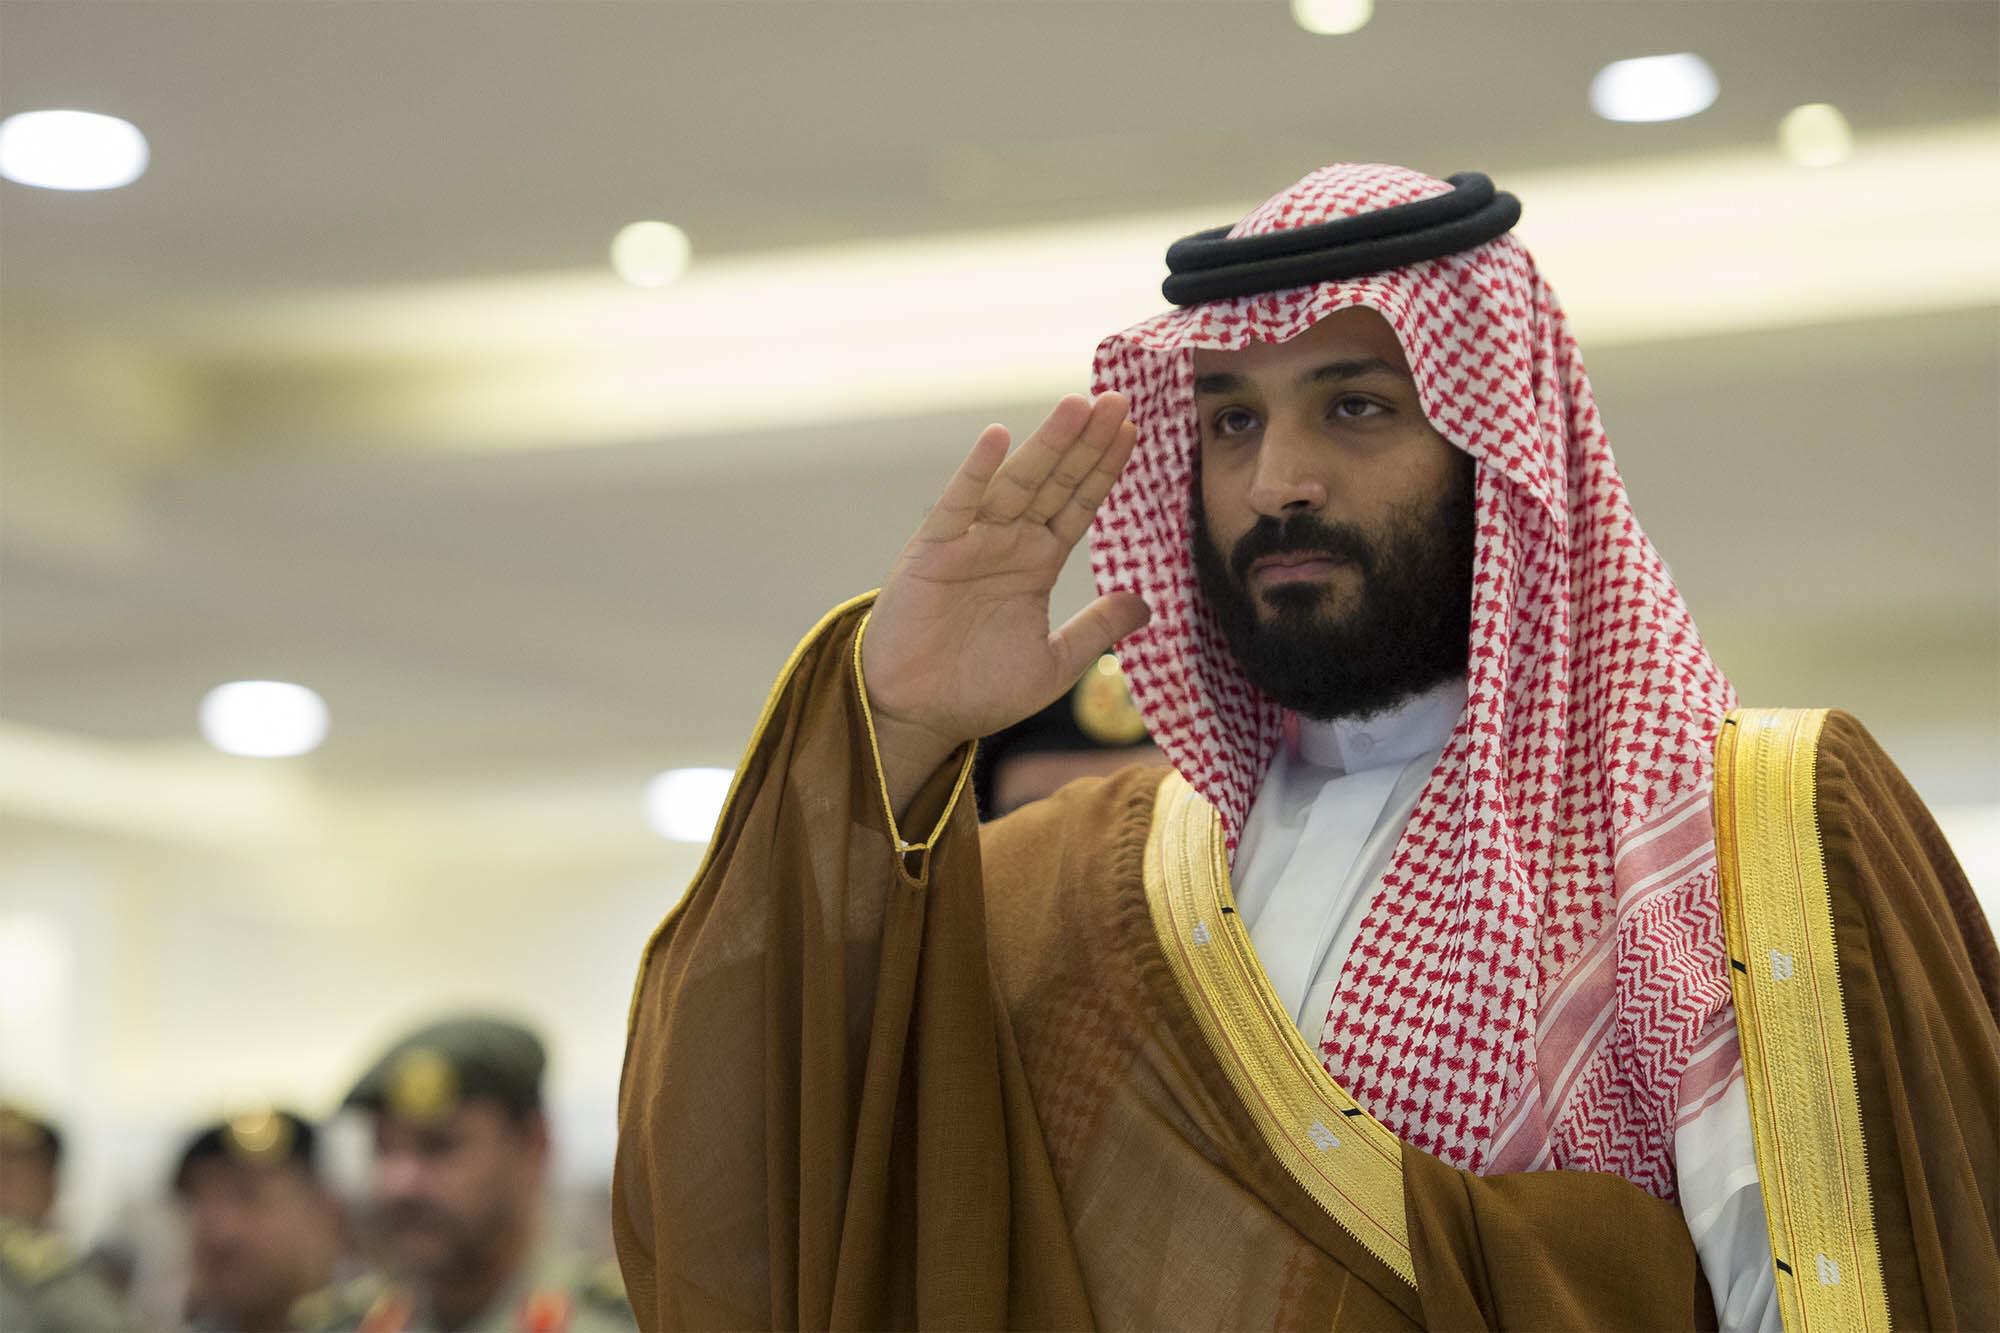 Kínzással csikarhattak ki beismerő vallomásokat a szaúdi hatóságok a múlt héten kivégzett 37 ember egy részétől